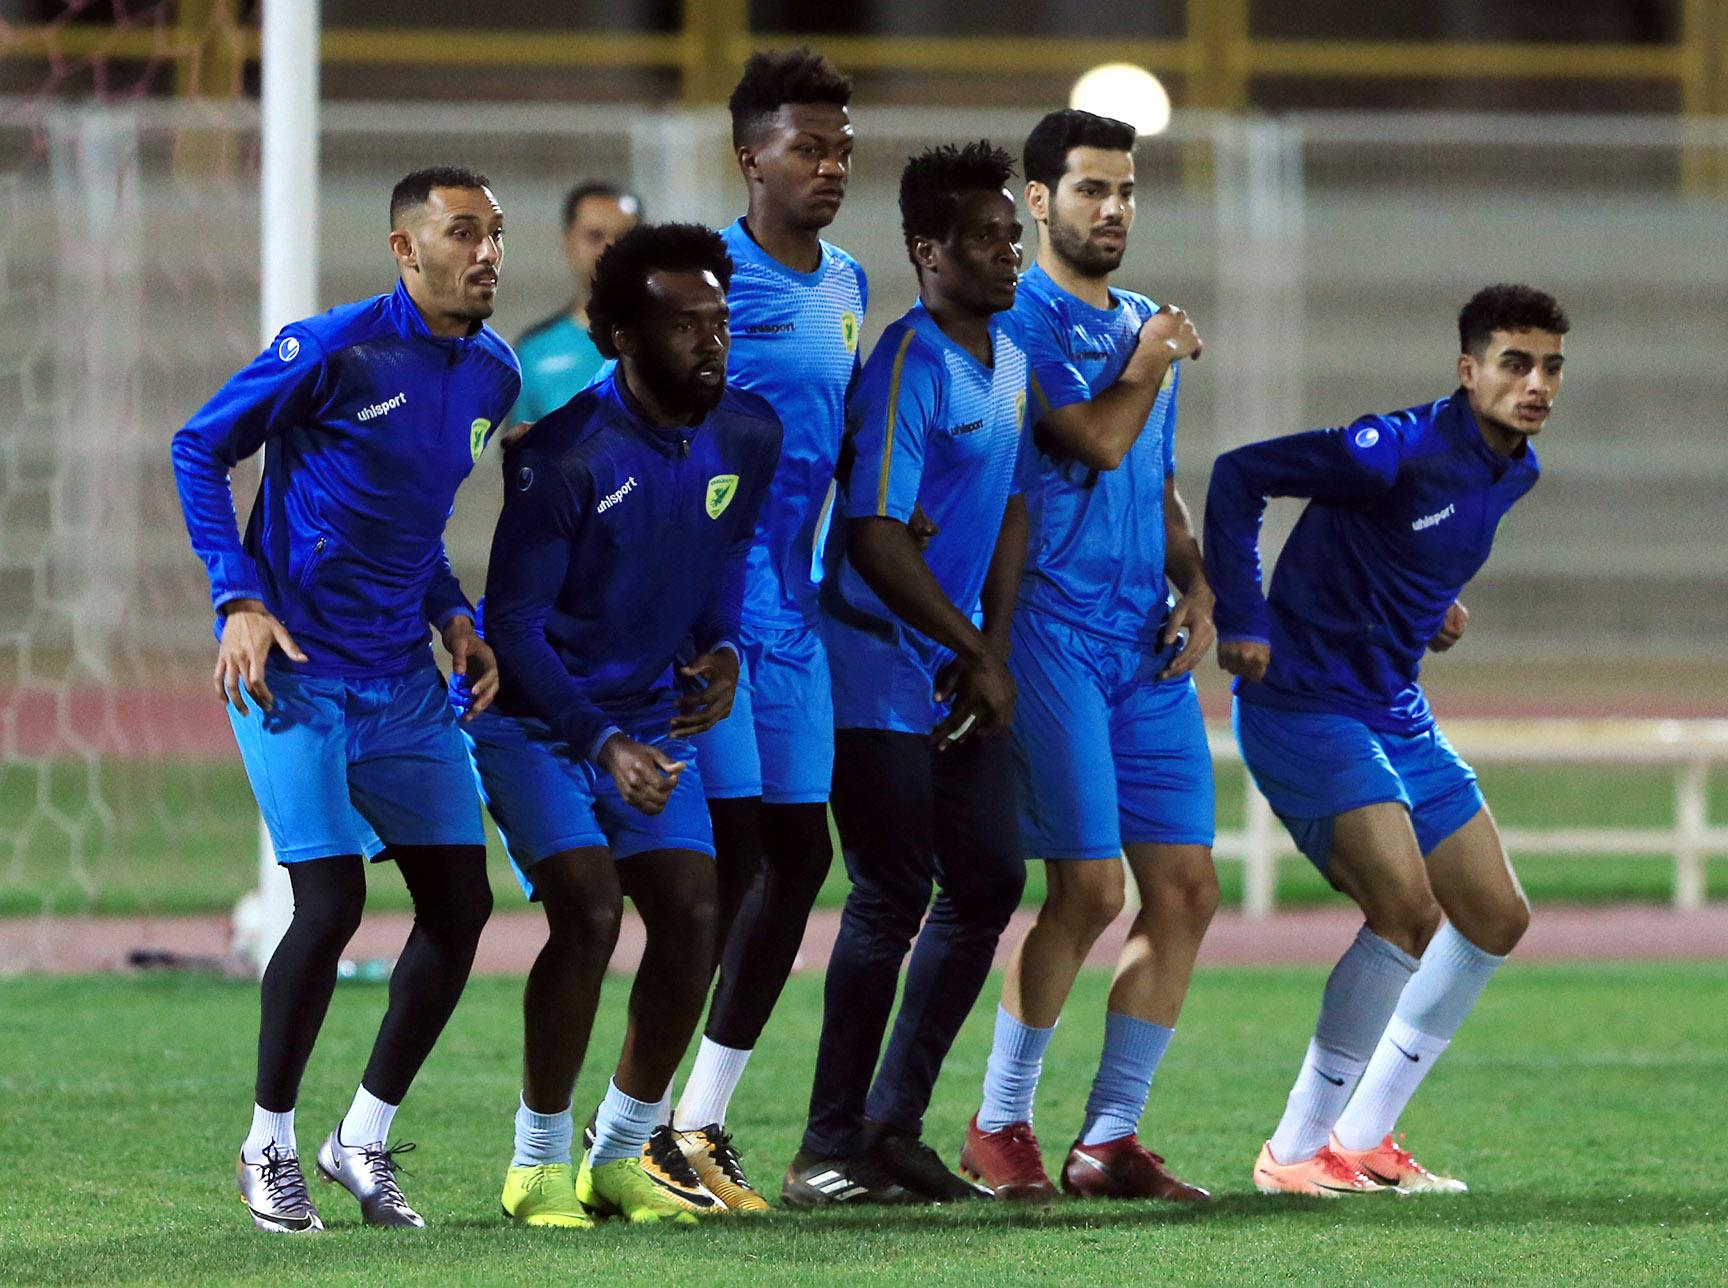 الخليج ينهي تحضيراته لاستضافة هجر ضمن منافسات الجولة 33 لدوري الأمير محمد بن سلمان للدرجة الأولى